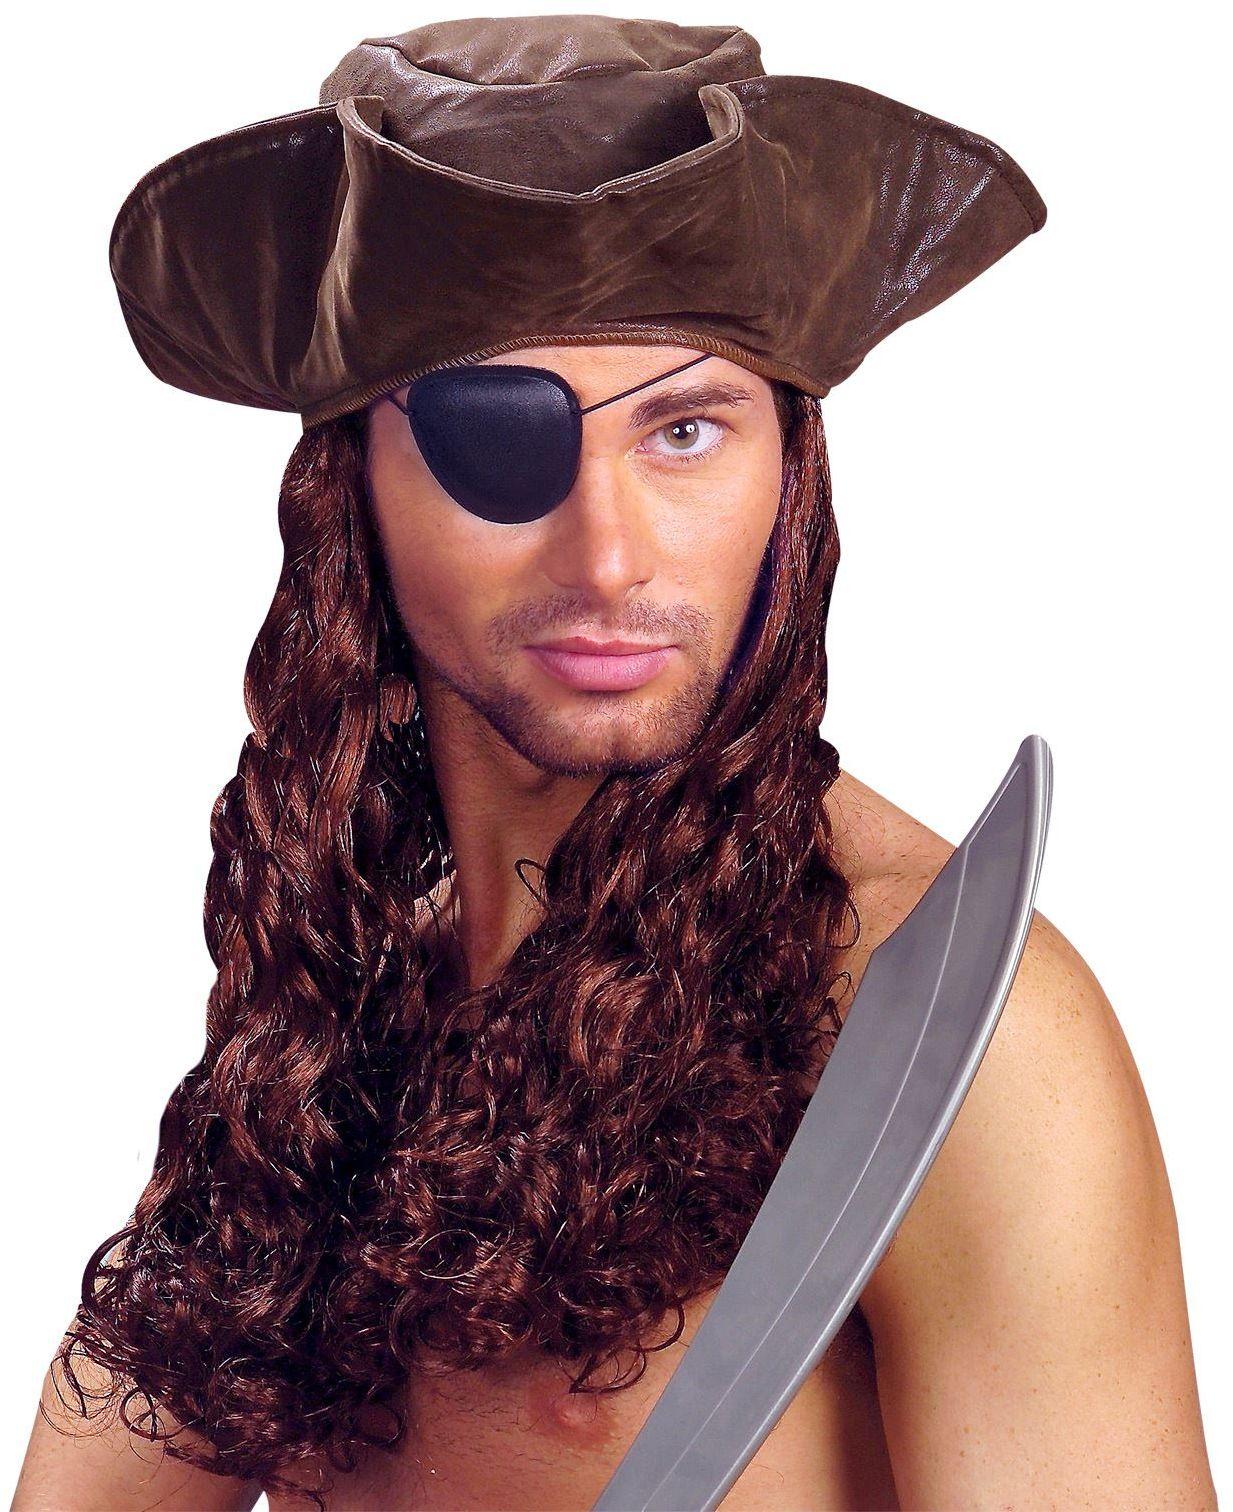 Bruine piraten hoed met pruik